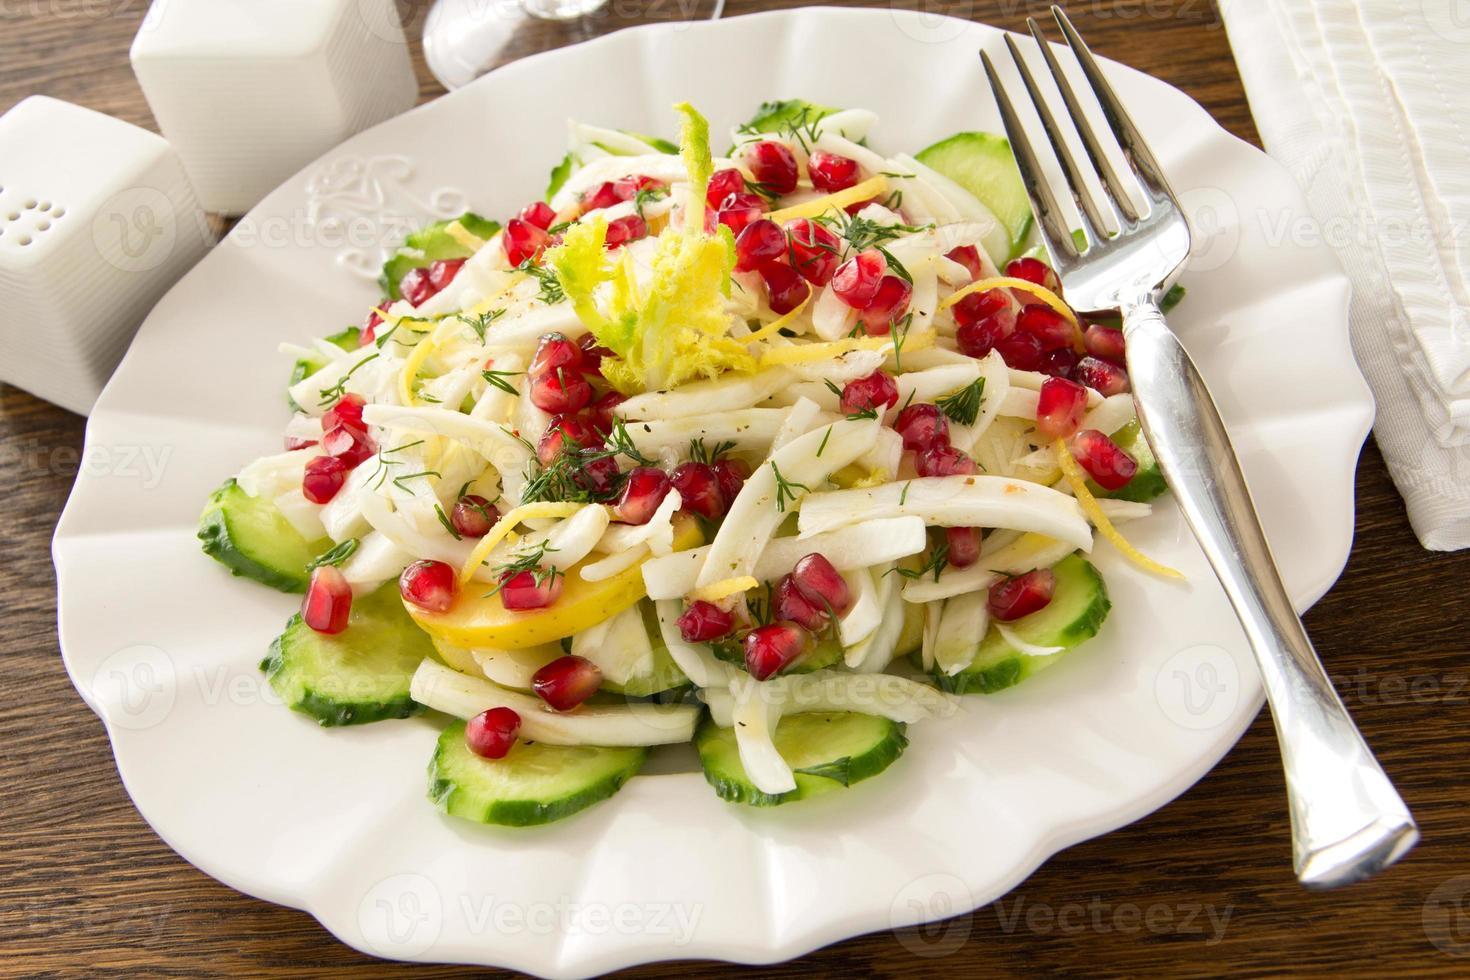 Fenchelsalat mit Gurken, Äpfeln und Granatapfel. foto